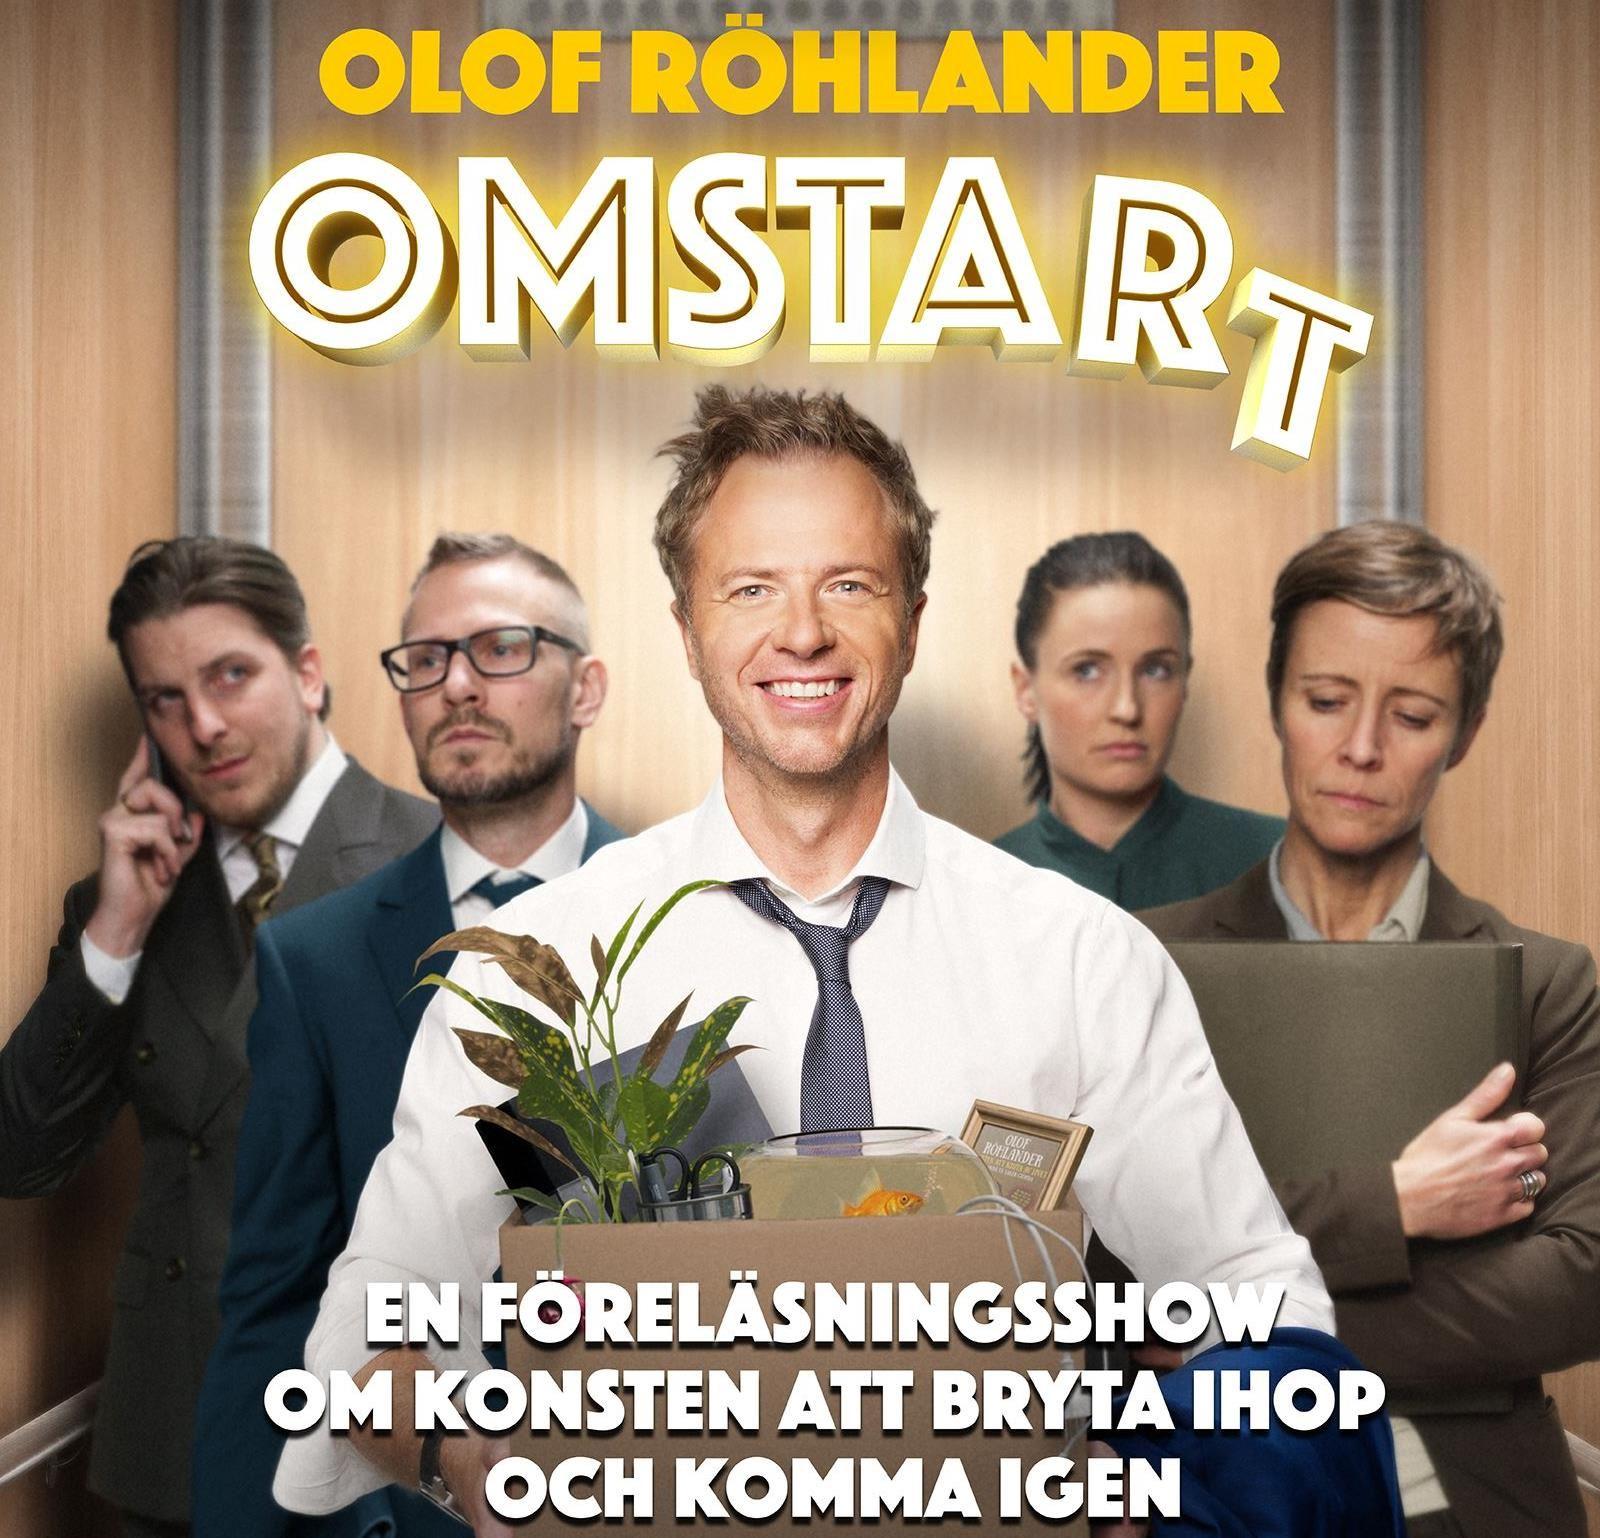 Föredrag:Olof Röhlander - Omstart